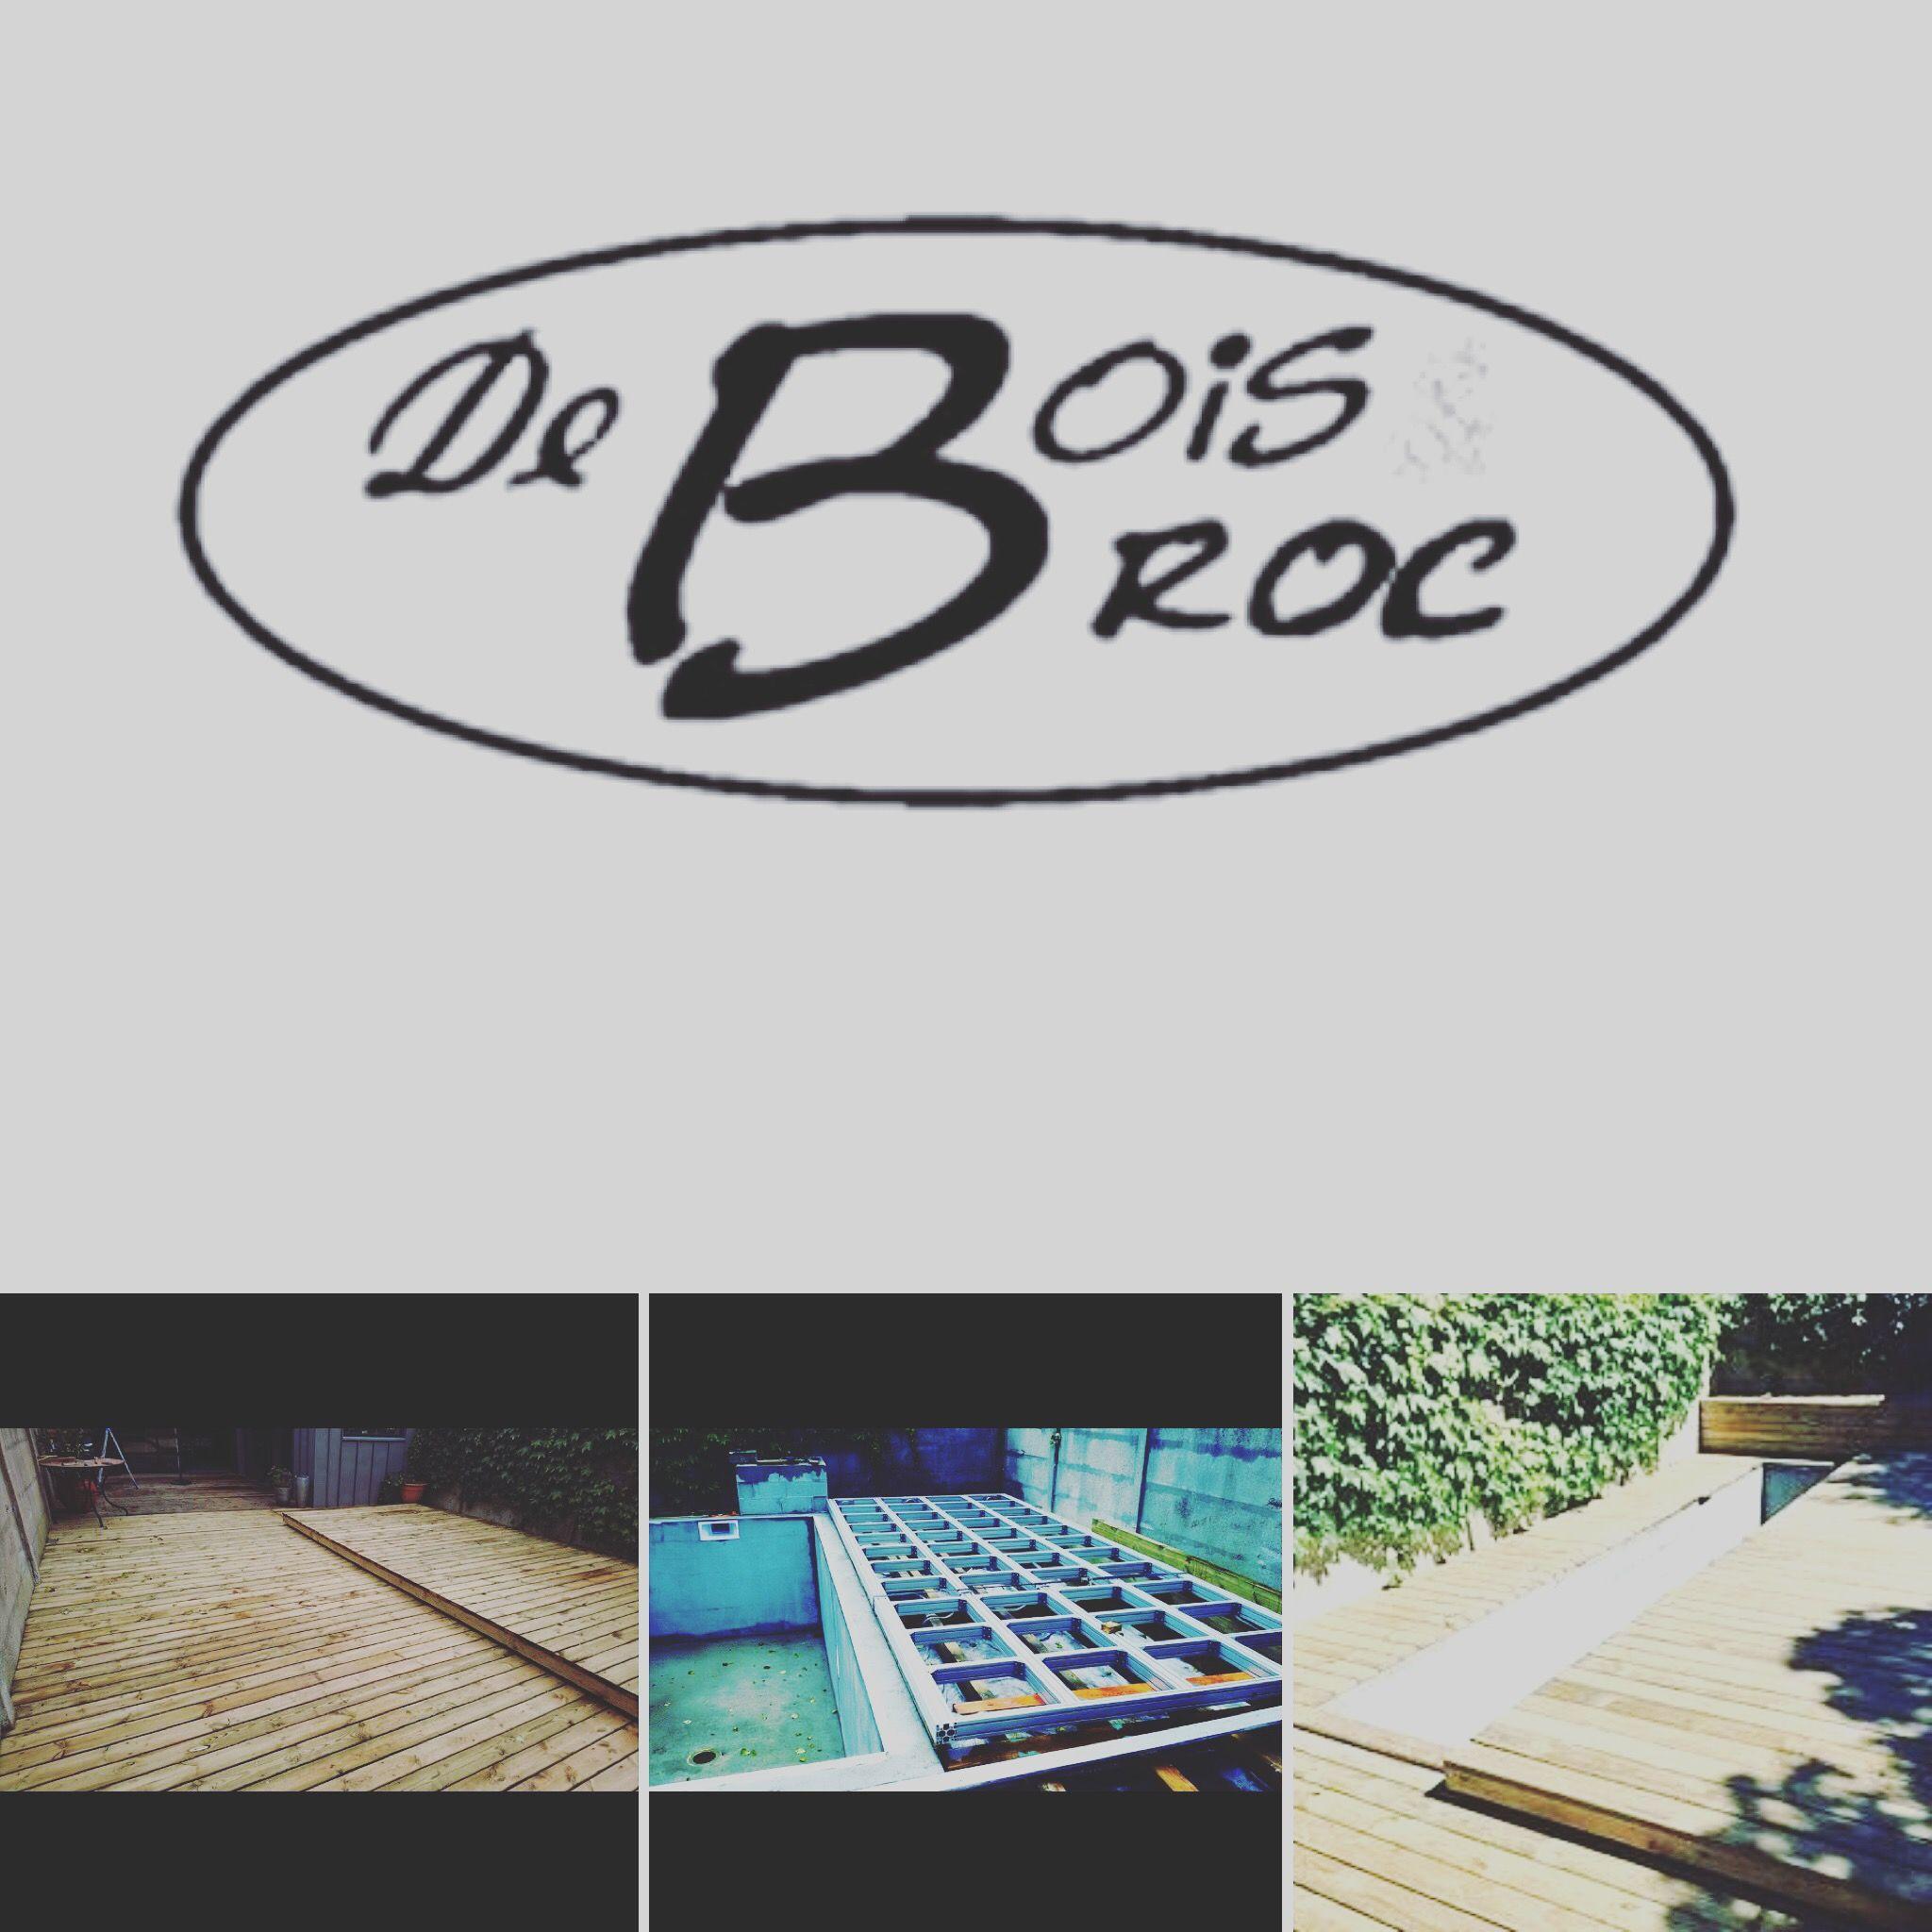 """💦 Bienvenue sur la page officielle de l'entreprise """"De Bois et de Broc"""", activité """"Terrasse Mobile"""". Couverture de piscine entièrement sur mesure.😎  #madeinfrance 🇲🇫️ #couverturedepiscine #terrassemobile https://m.facebook.com/terrassemobile/ A très bientôt ! L'équipe De Bois et de Broc 🌍"""